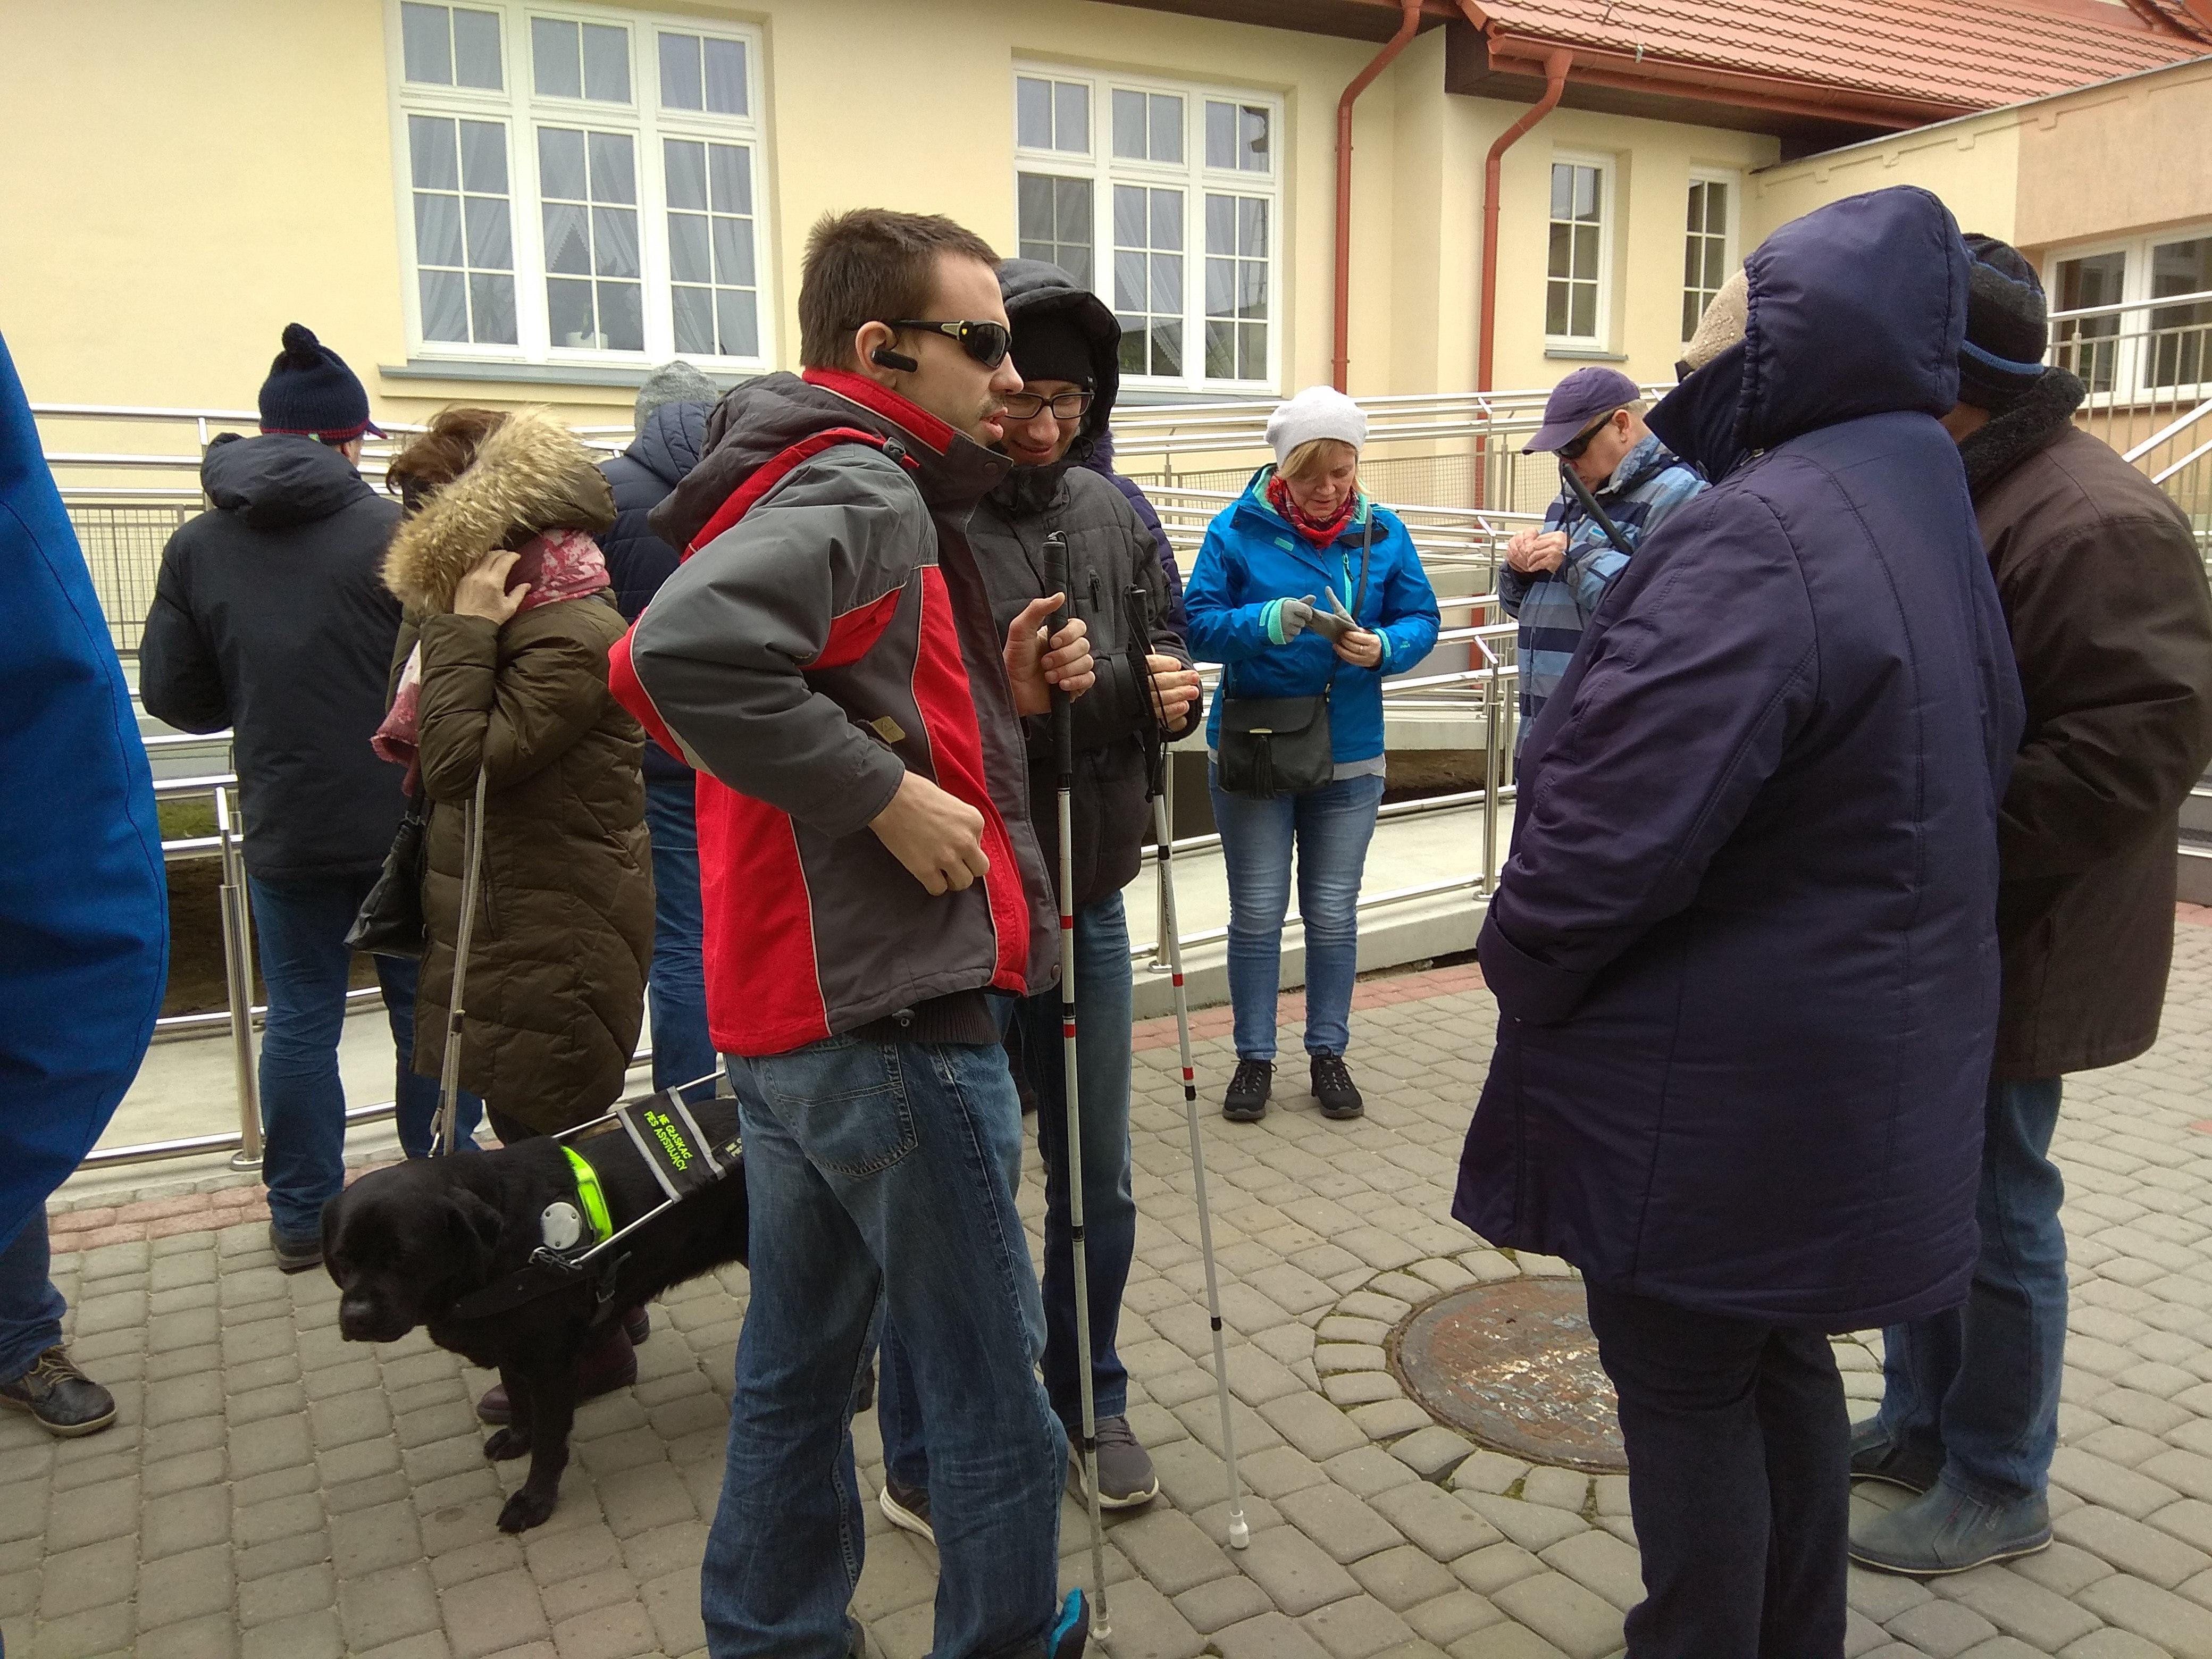 Panie i panowie ubrani w kurtki stojący przed budynkiem ośrodka, kilkoro z nich z laską, a pośród nich ciemnobrązowy pies – przewodnik.